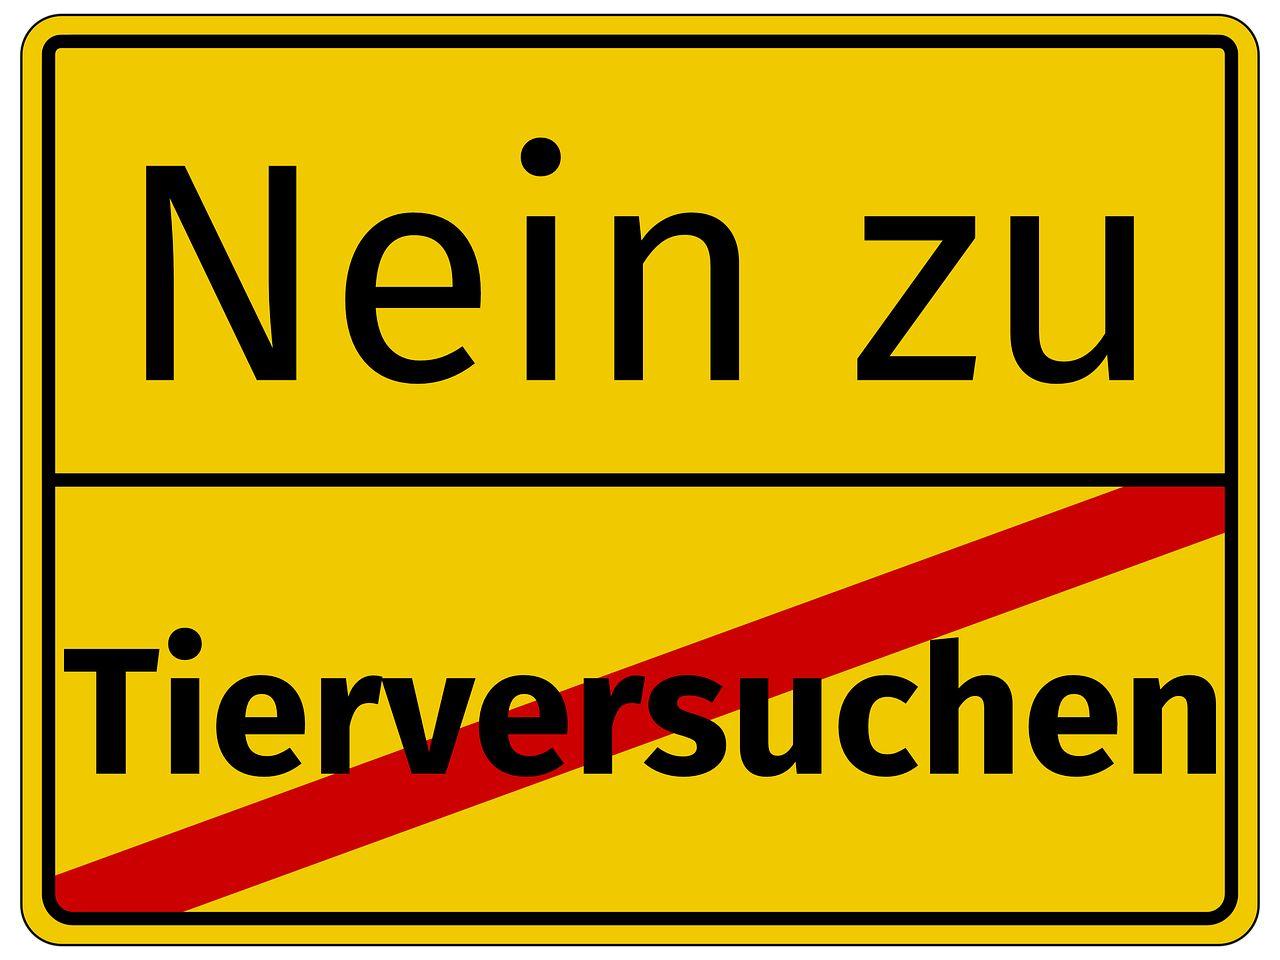 Tierschutz: In Hamburg wurden fürchterliche Tierversuche aufgedeckt!